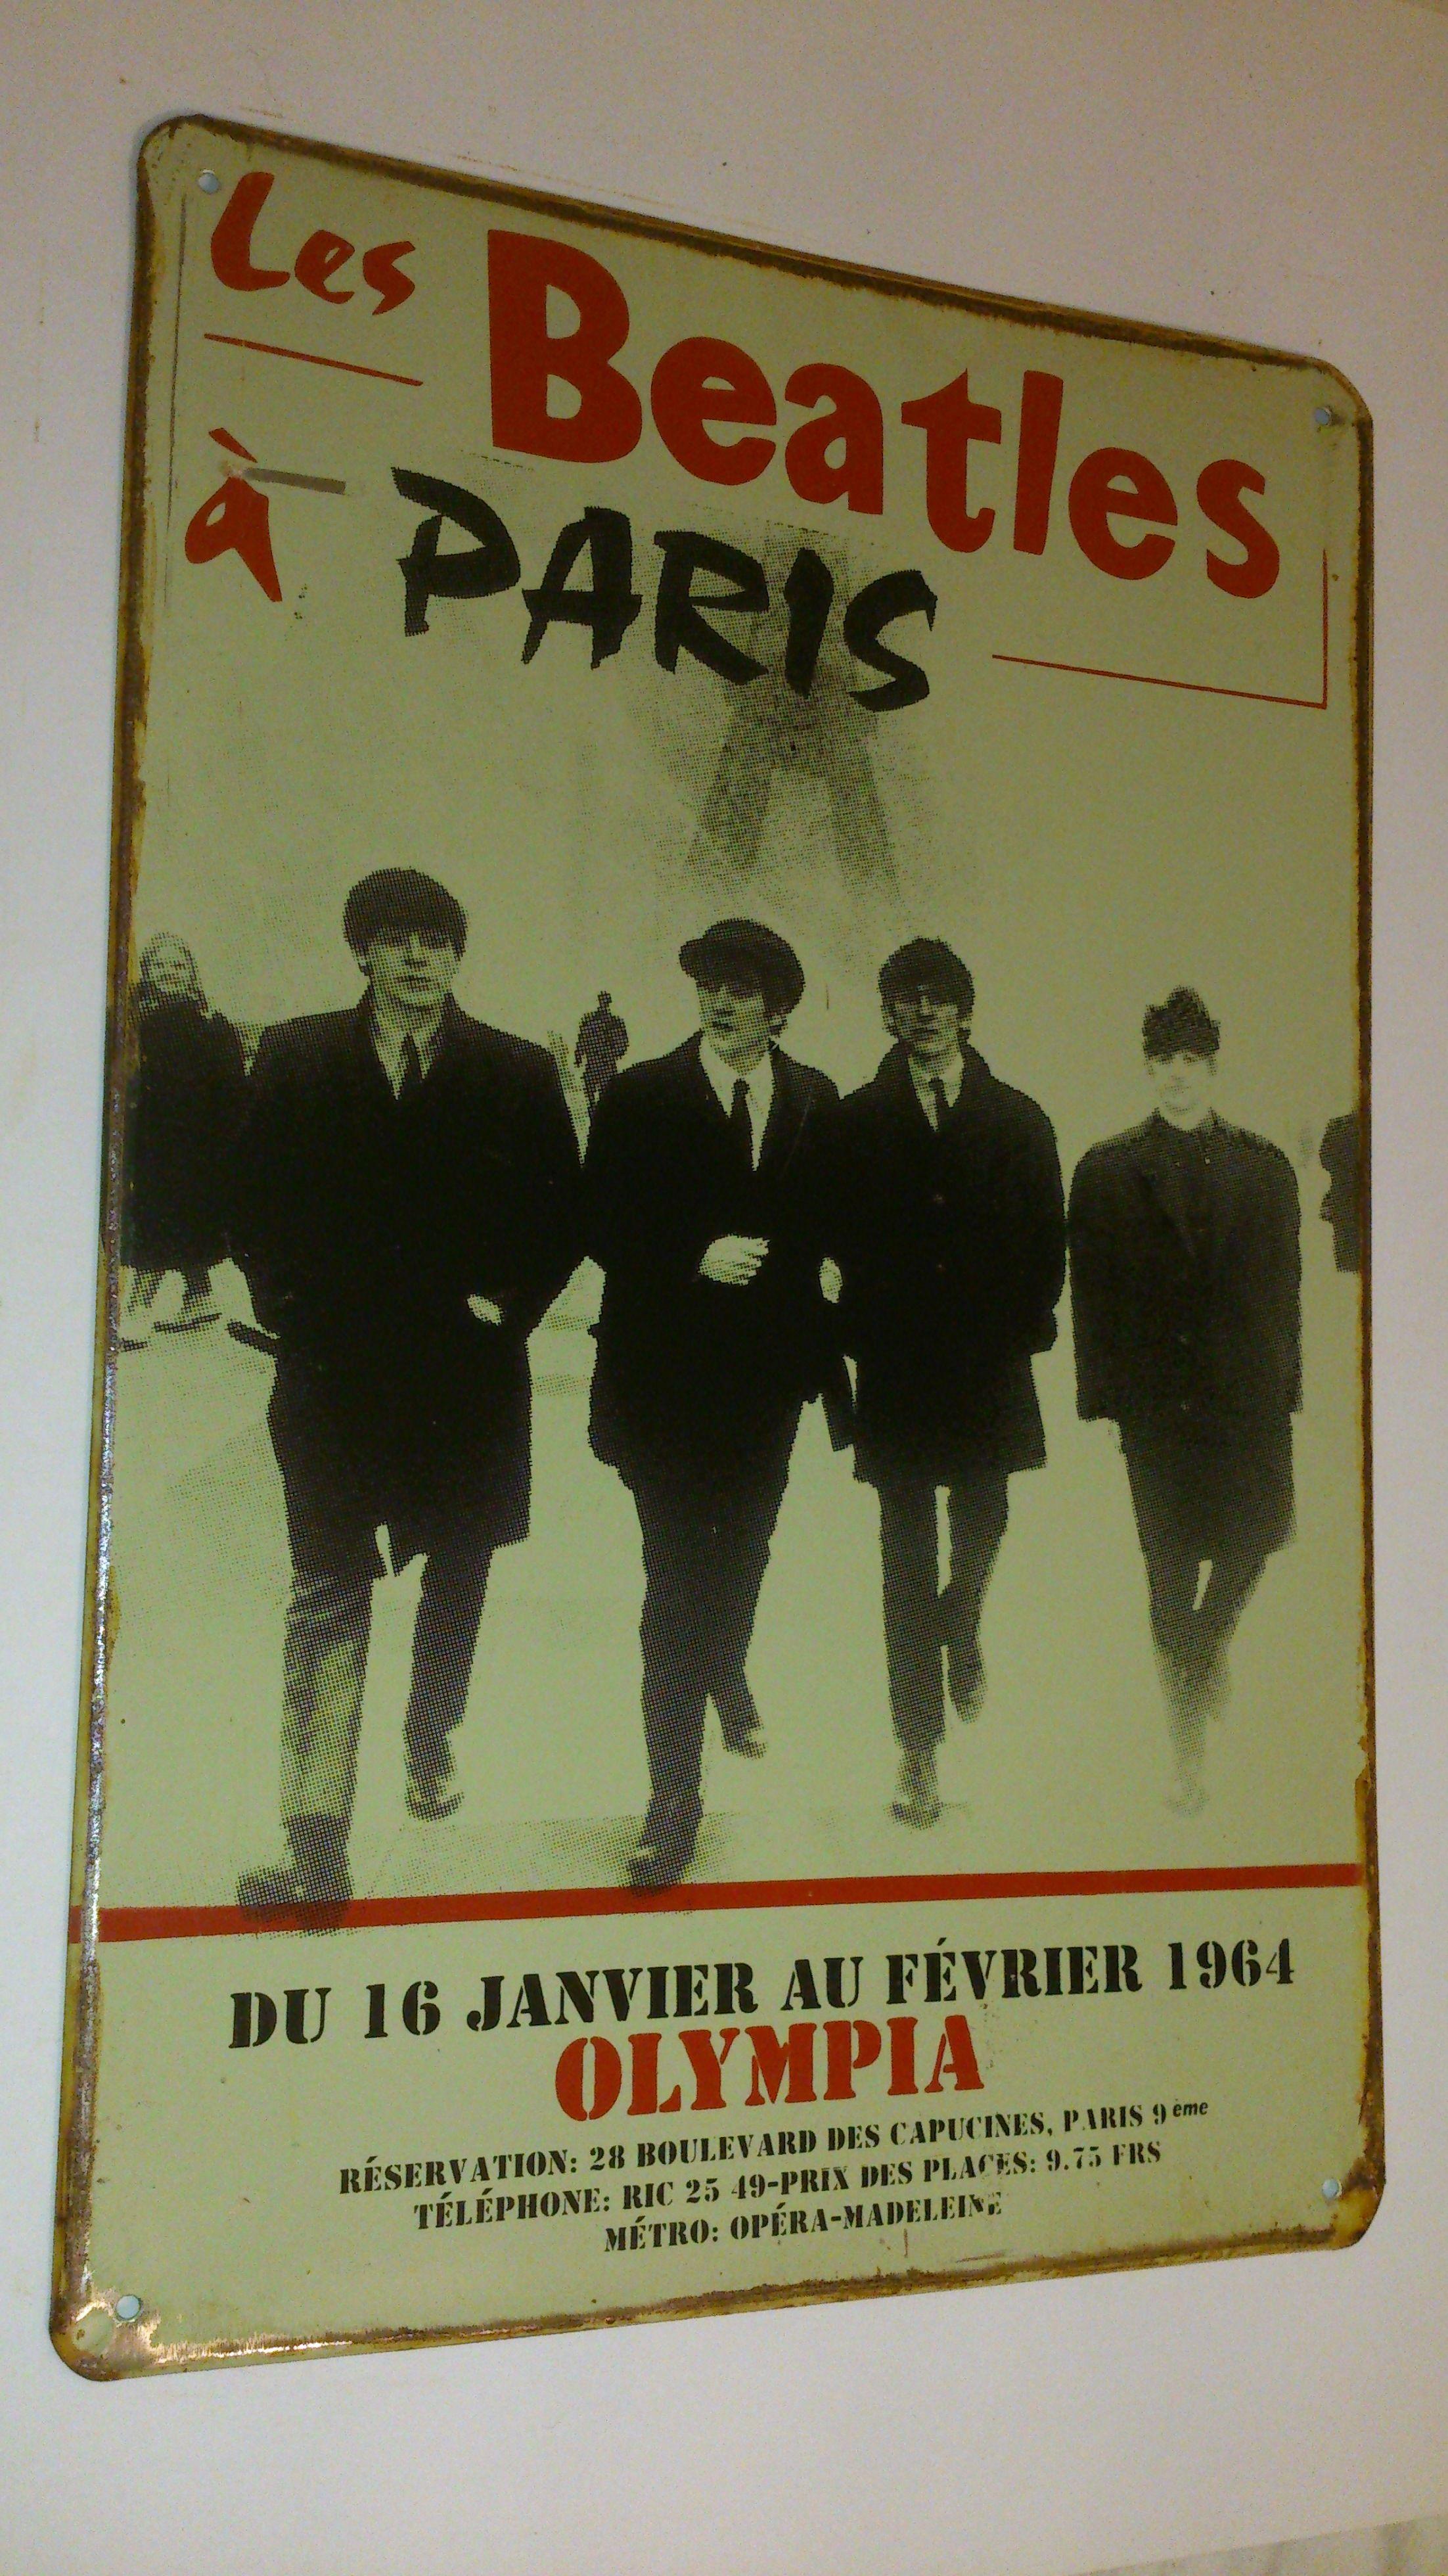 ビートルズ 公演ポスター看板【1964年 パリ公演】ハンドメイド・英国製